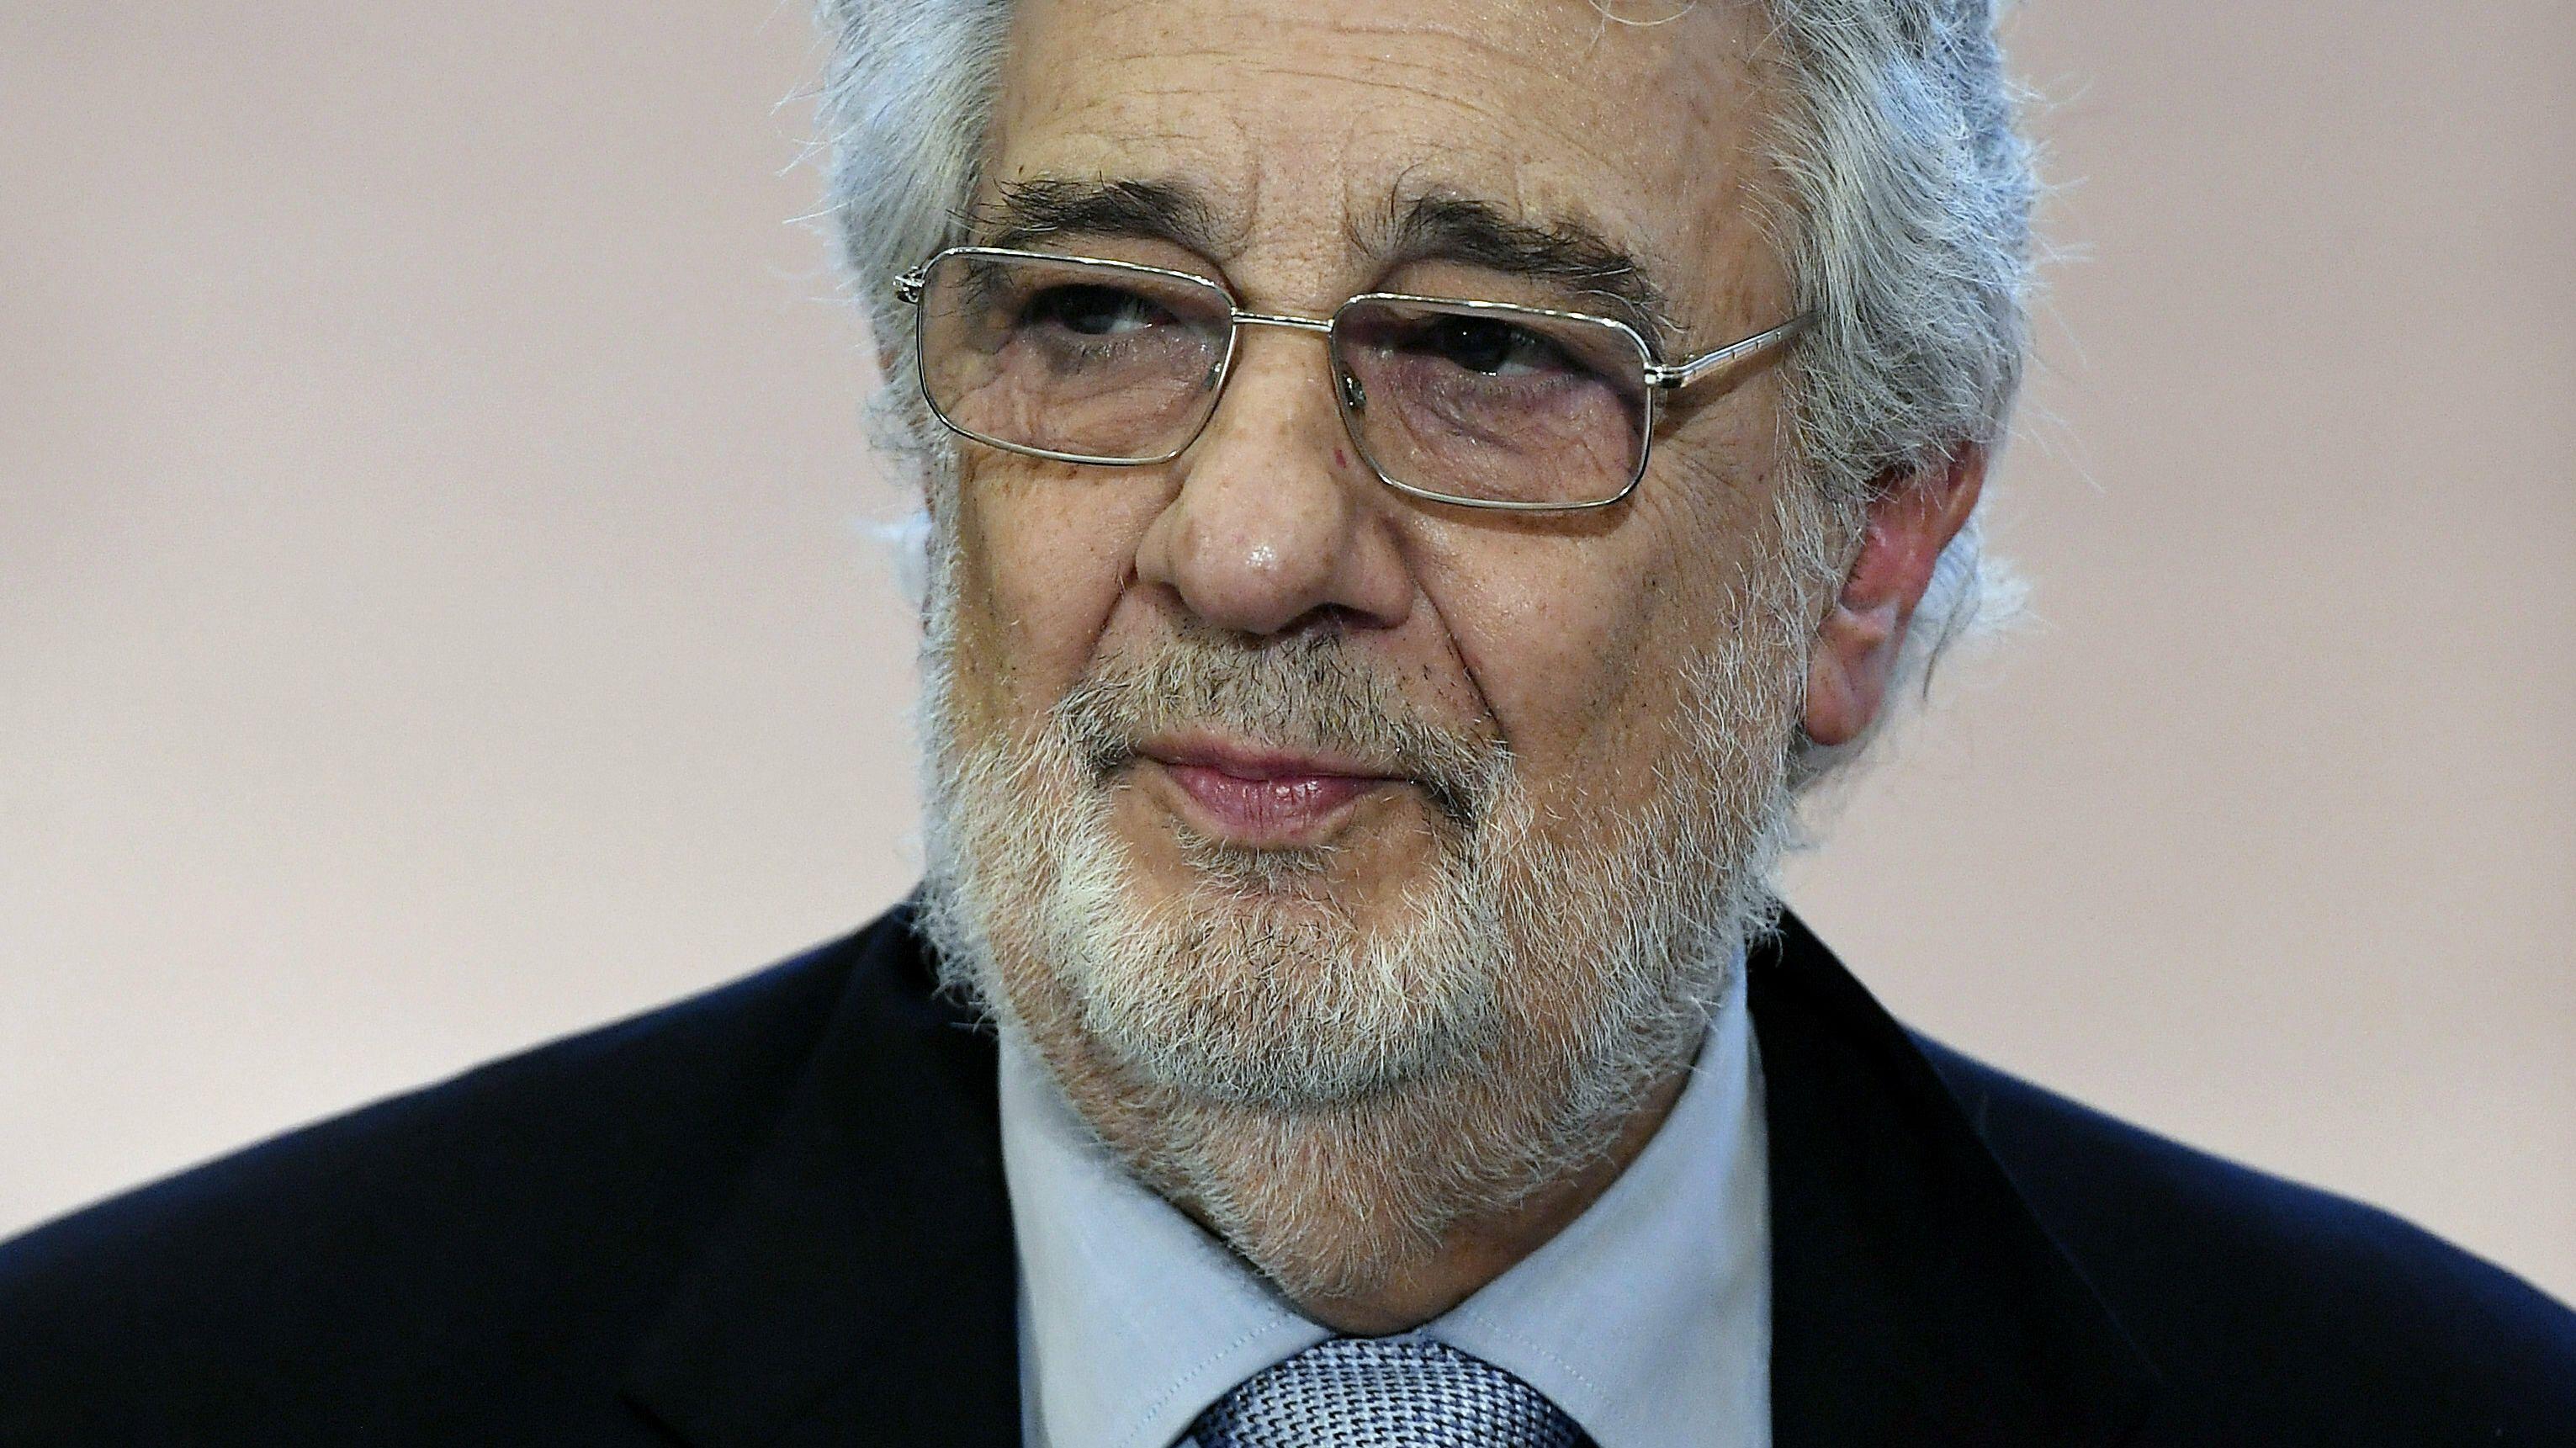 Plácido Domingo blickt aus dem Bild heraus